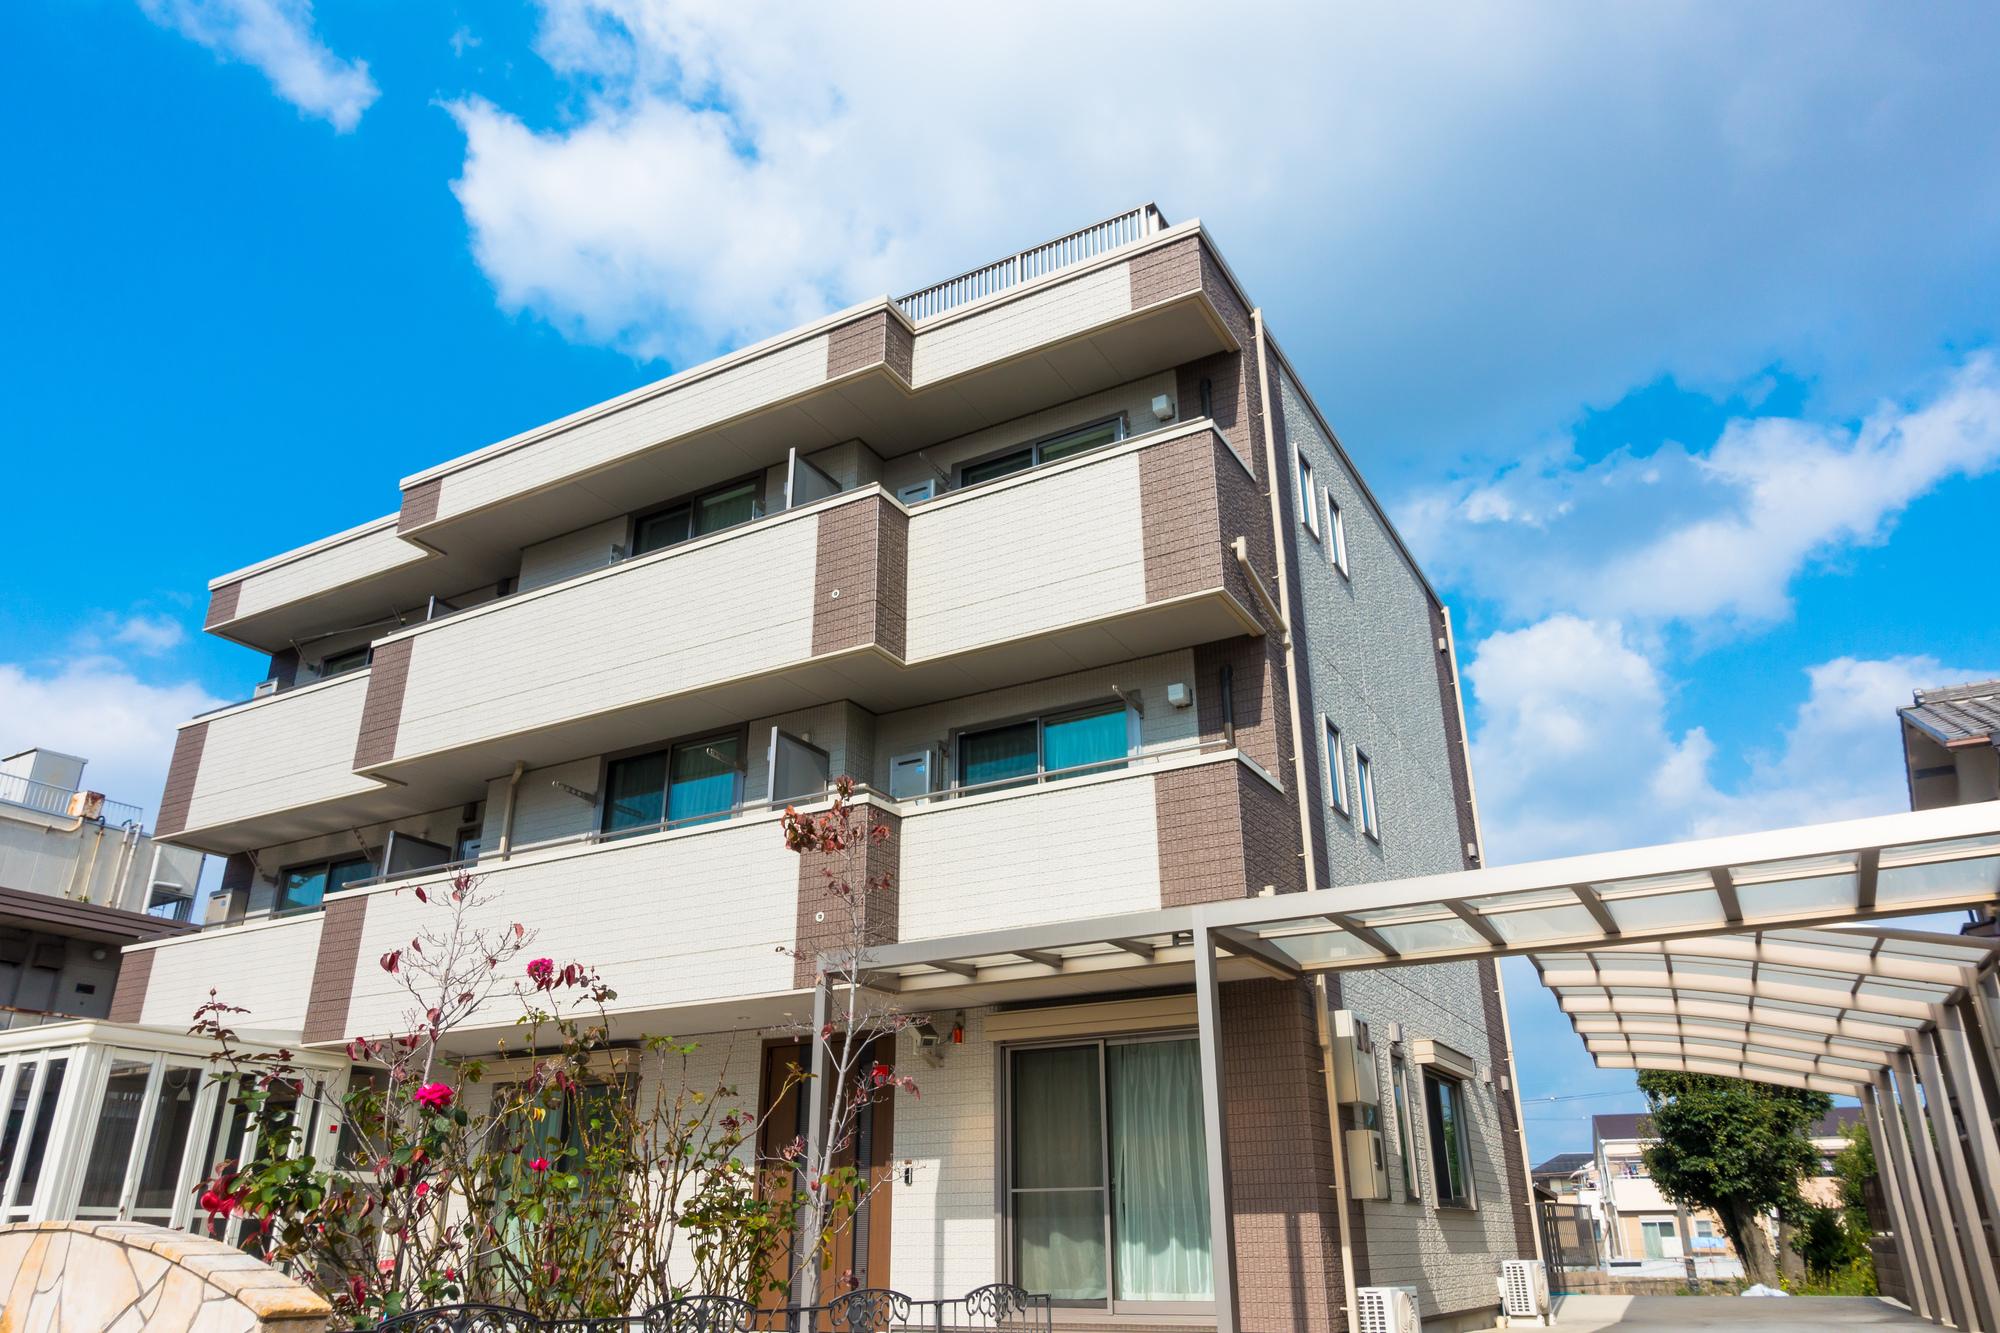 併用住宅とは? 定義や固定資産税の影響について解説